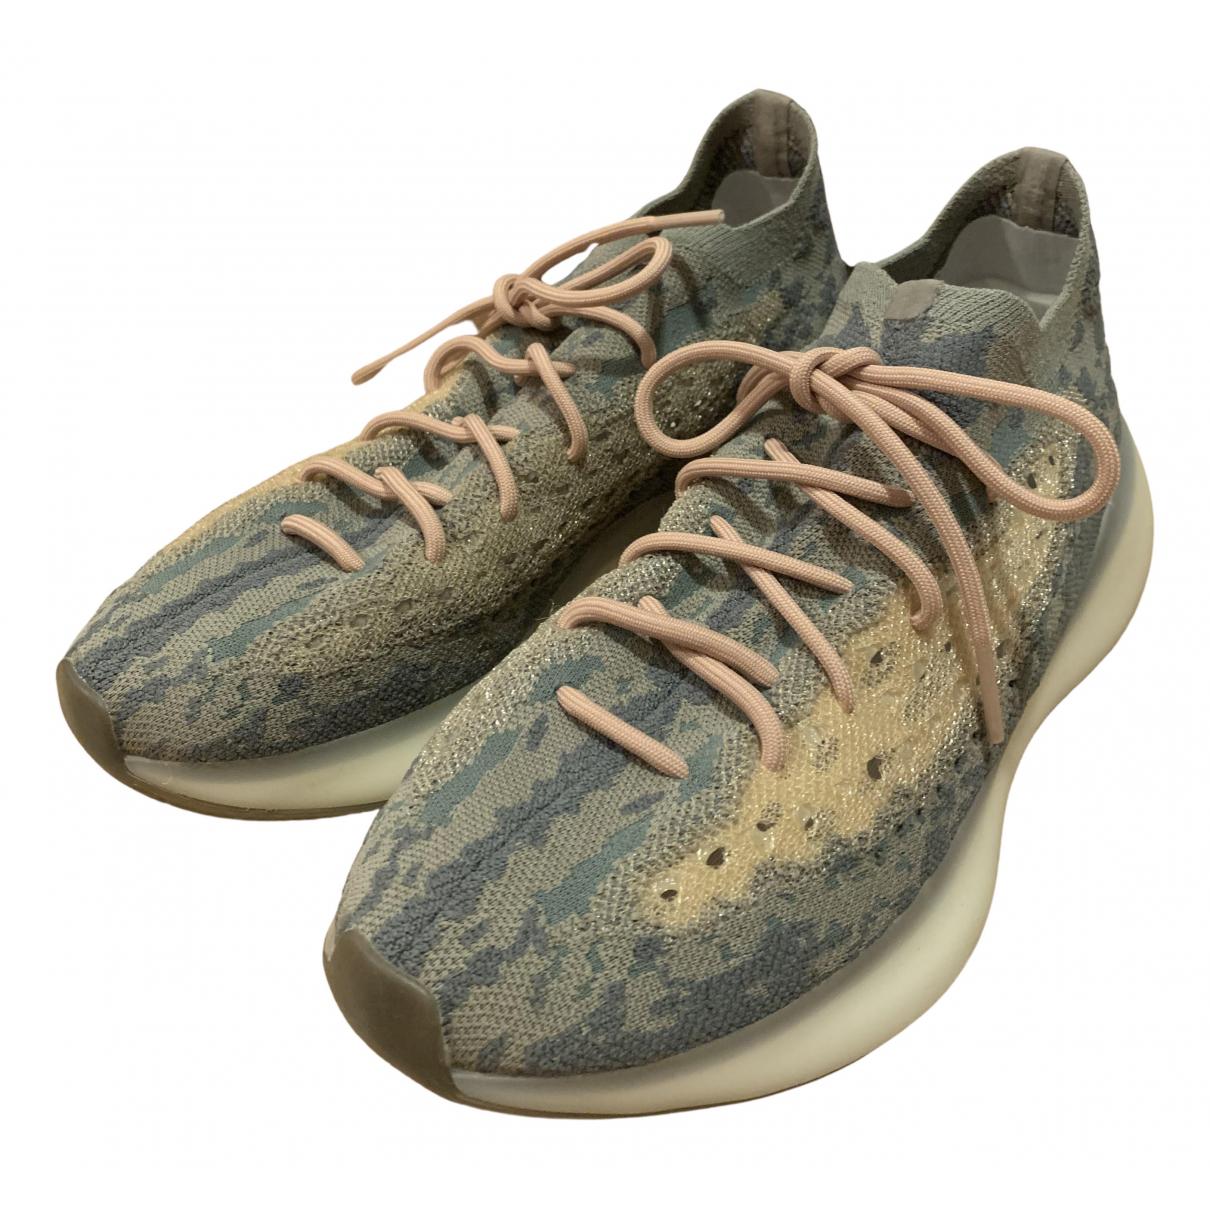 Yeezy X Adidas - Baskets Boost 380 pour homme en toile - multicolore